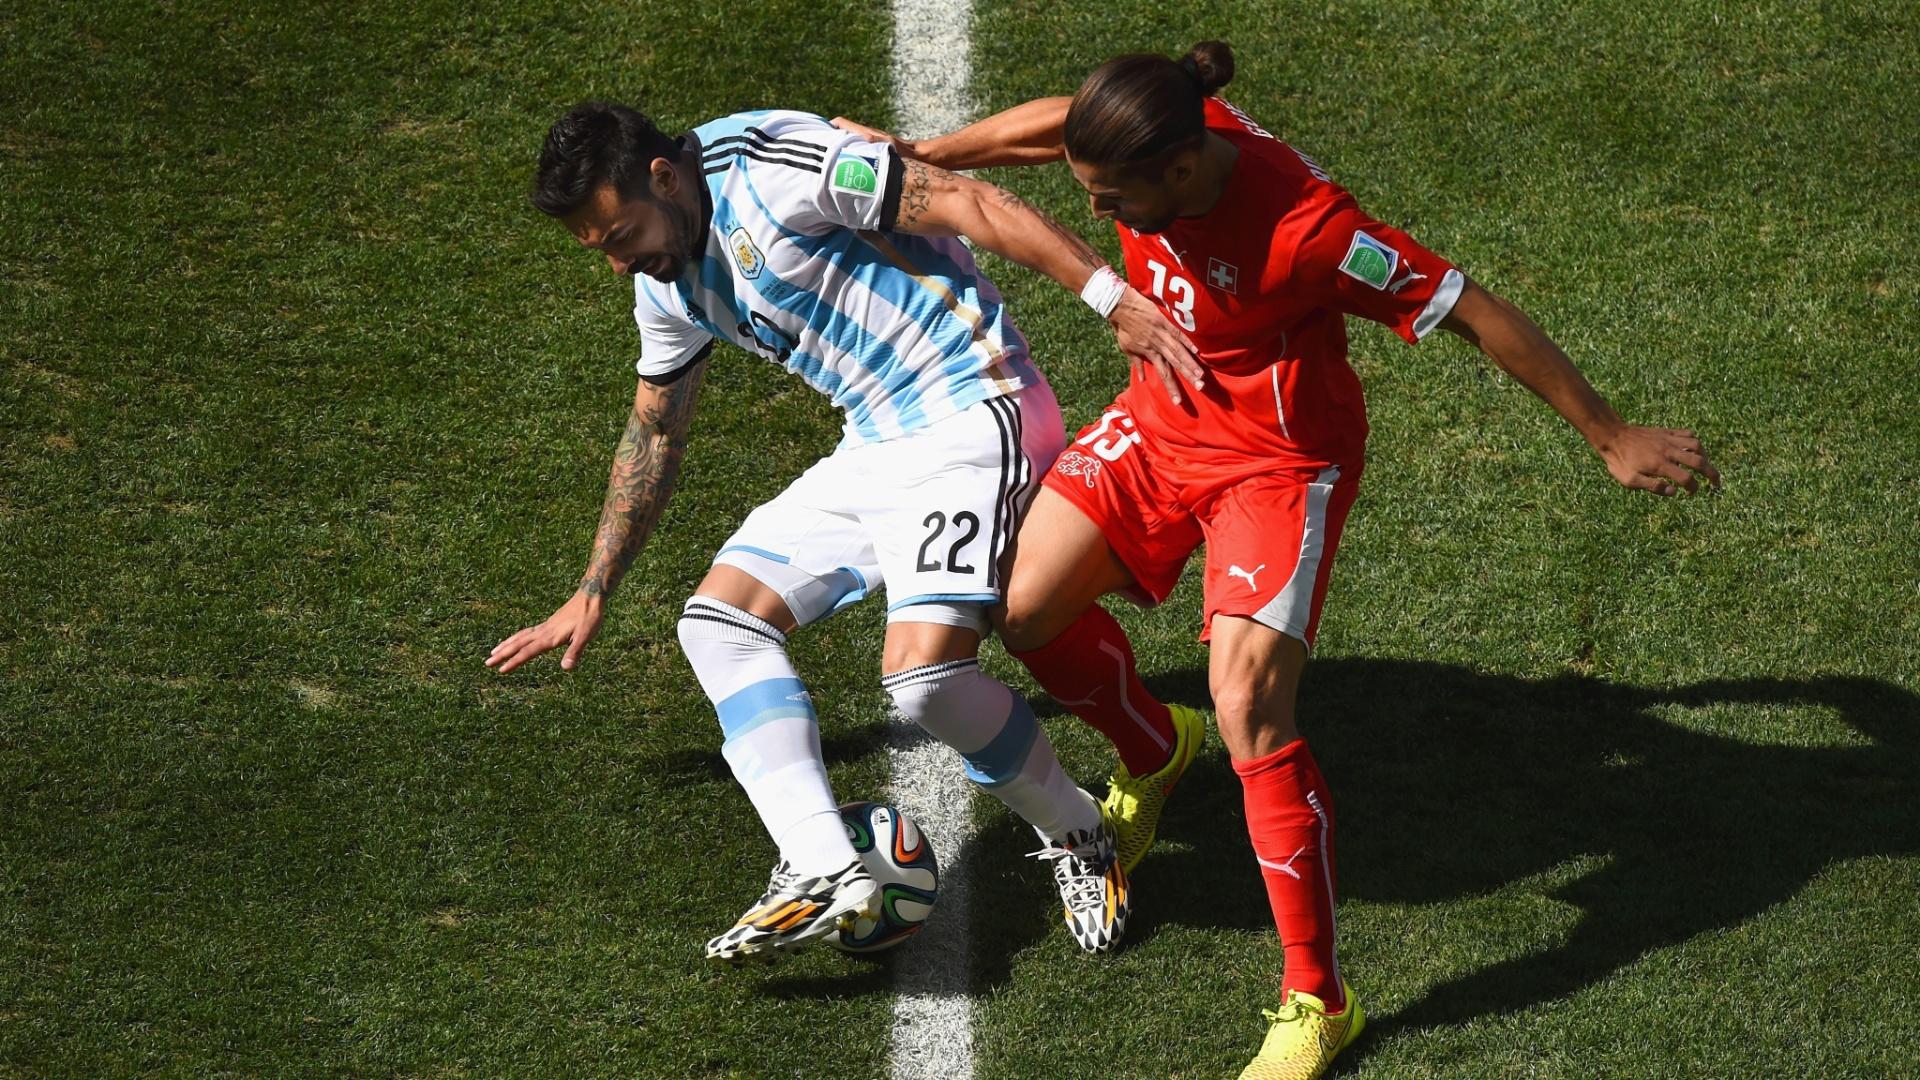 01.jul.2014 - Argentino Lavezzi disputa a bola com Ricardo Rodriguez, da Suíça, no início do jogo no Itaquerão, válido pelas oitavas de final